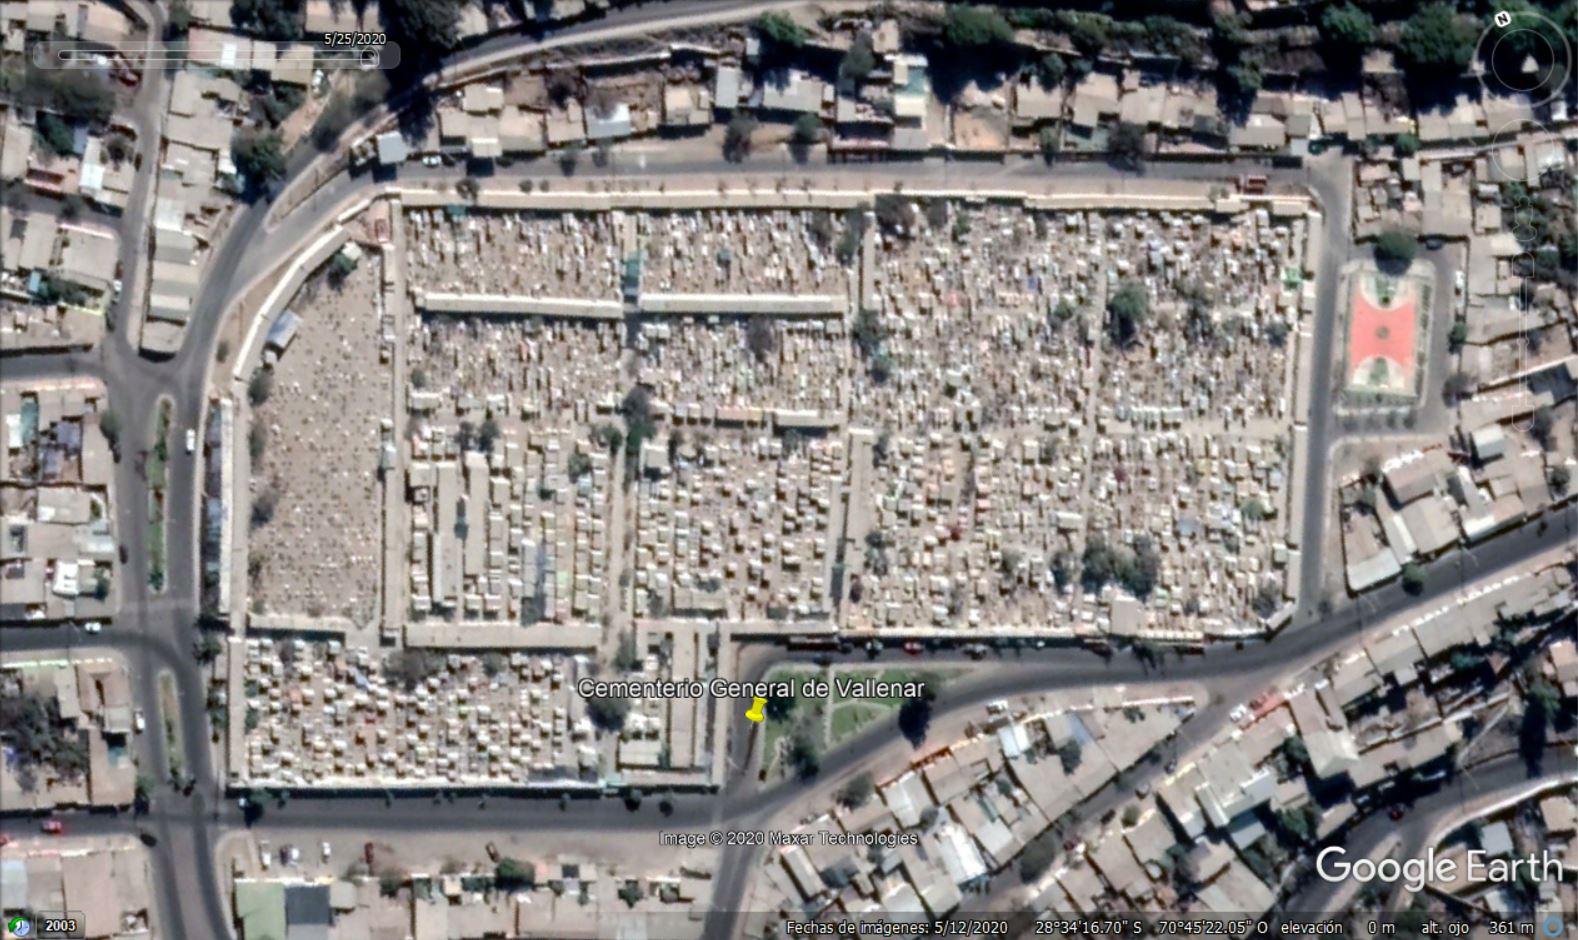 Arquitecto dice que cementerio de Vallenar está saturado hace más de 25 años